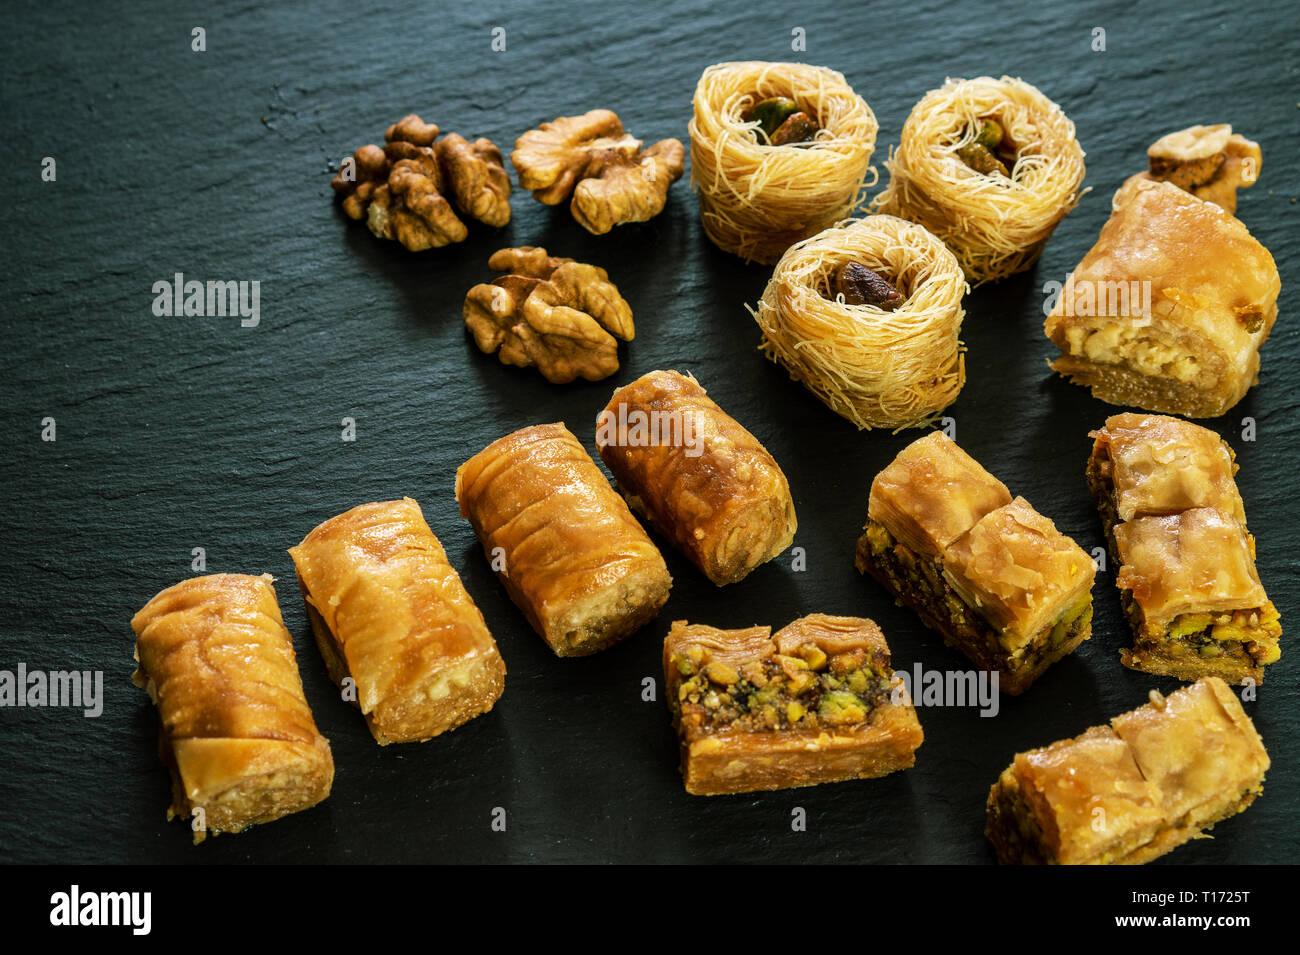 Andere Art von arabischen Baklava auf schwarzem Hintergrund mit Platz für Text-Typen - borma Nest ush-el-bul-bul asabi Stockfoto